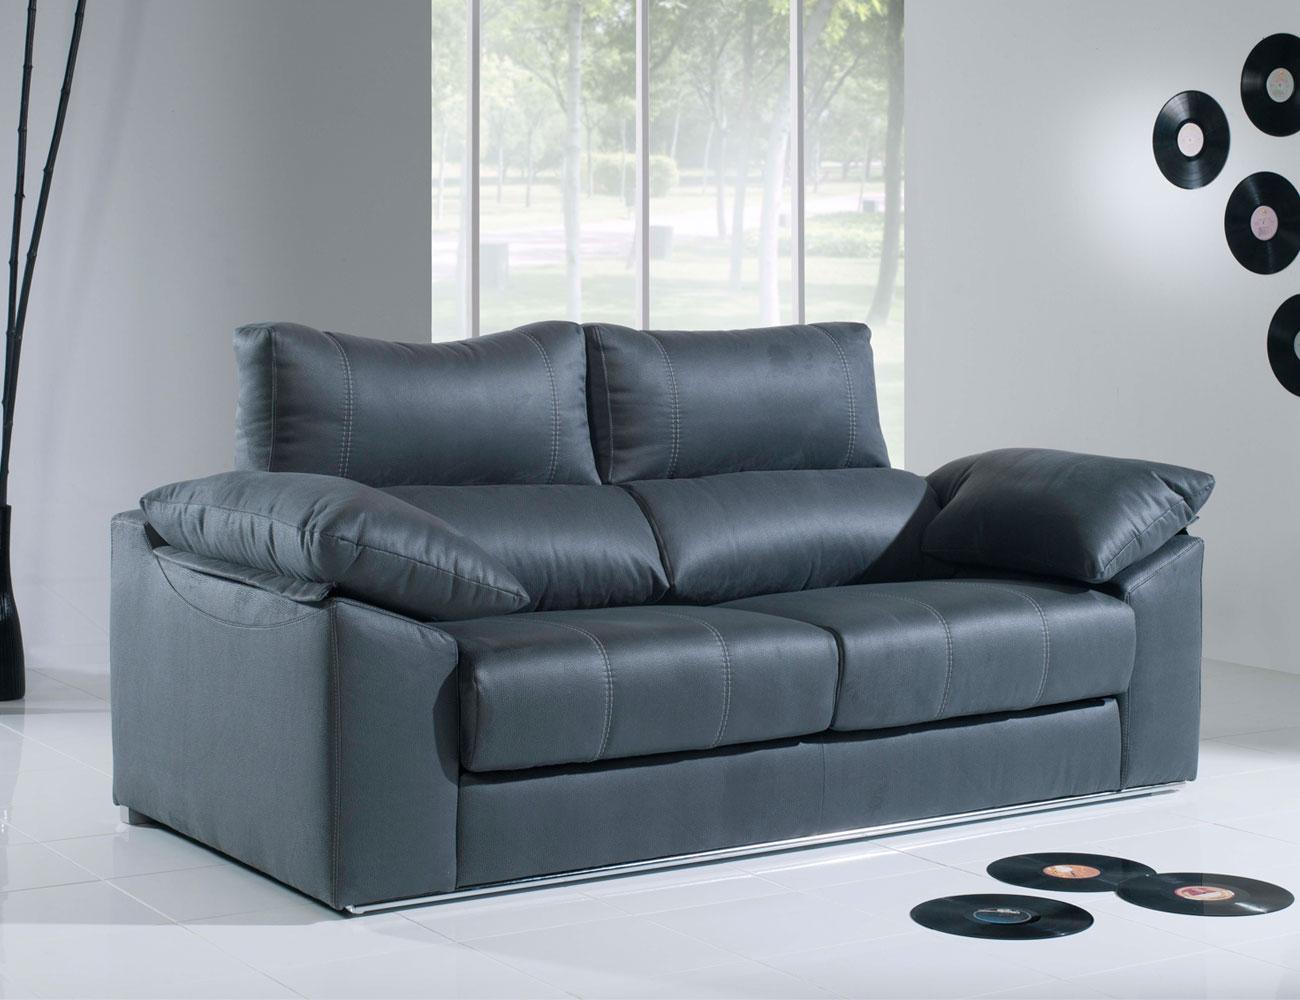 Sofa 3 plazas moderno con barra7